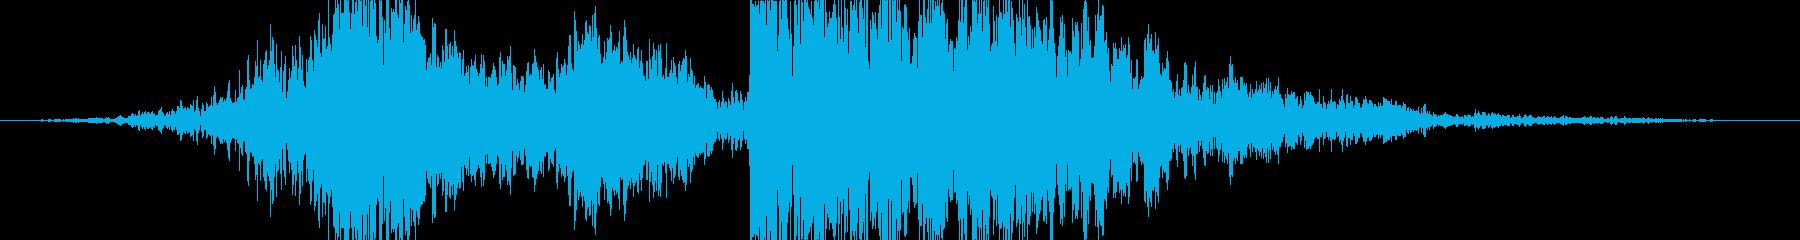 衝撃 空爆27の再生済みの波形